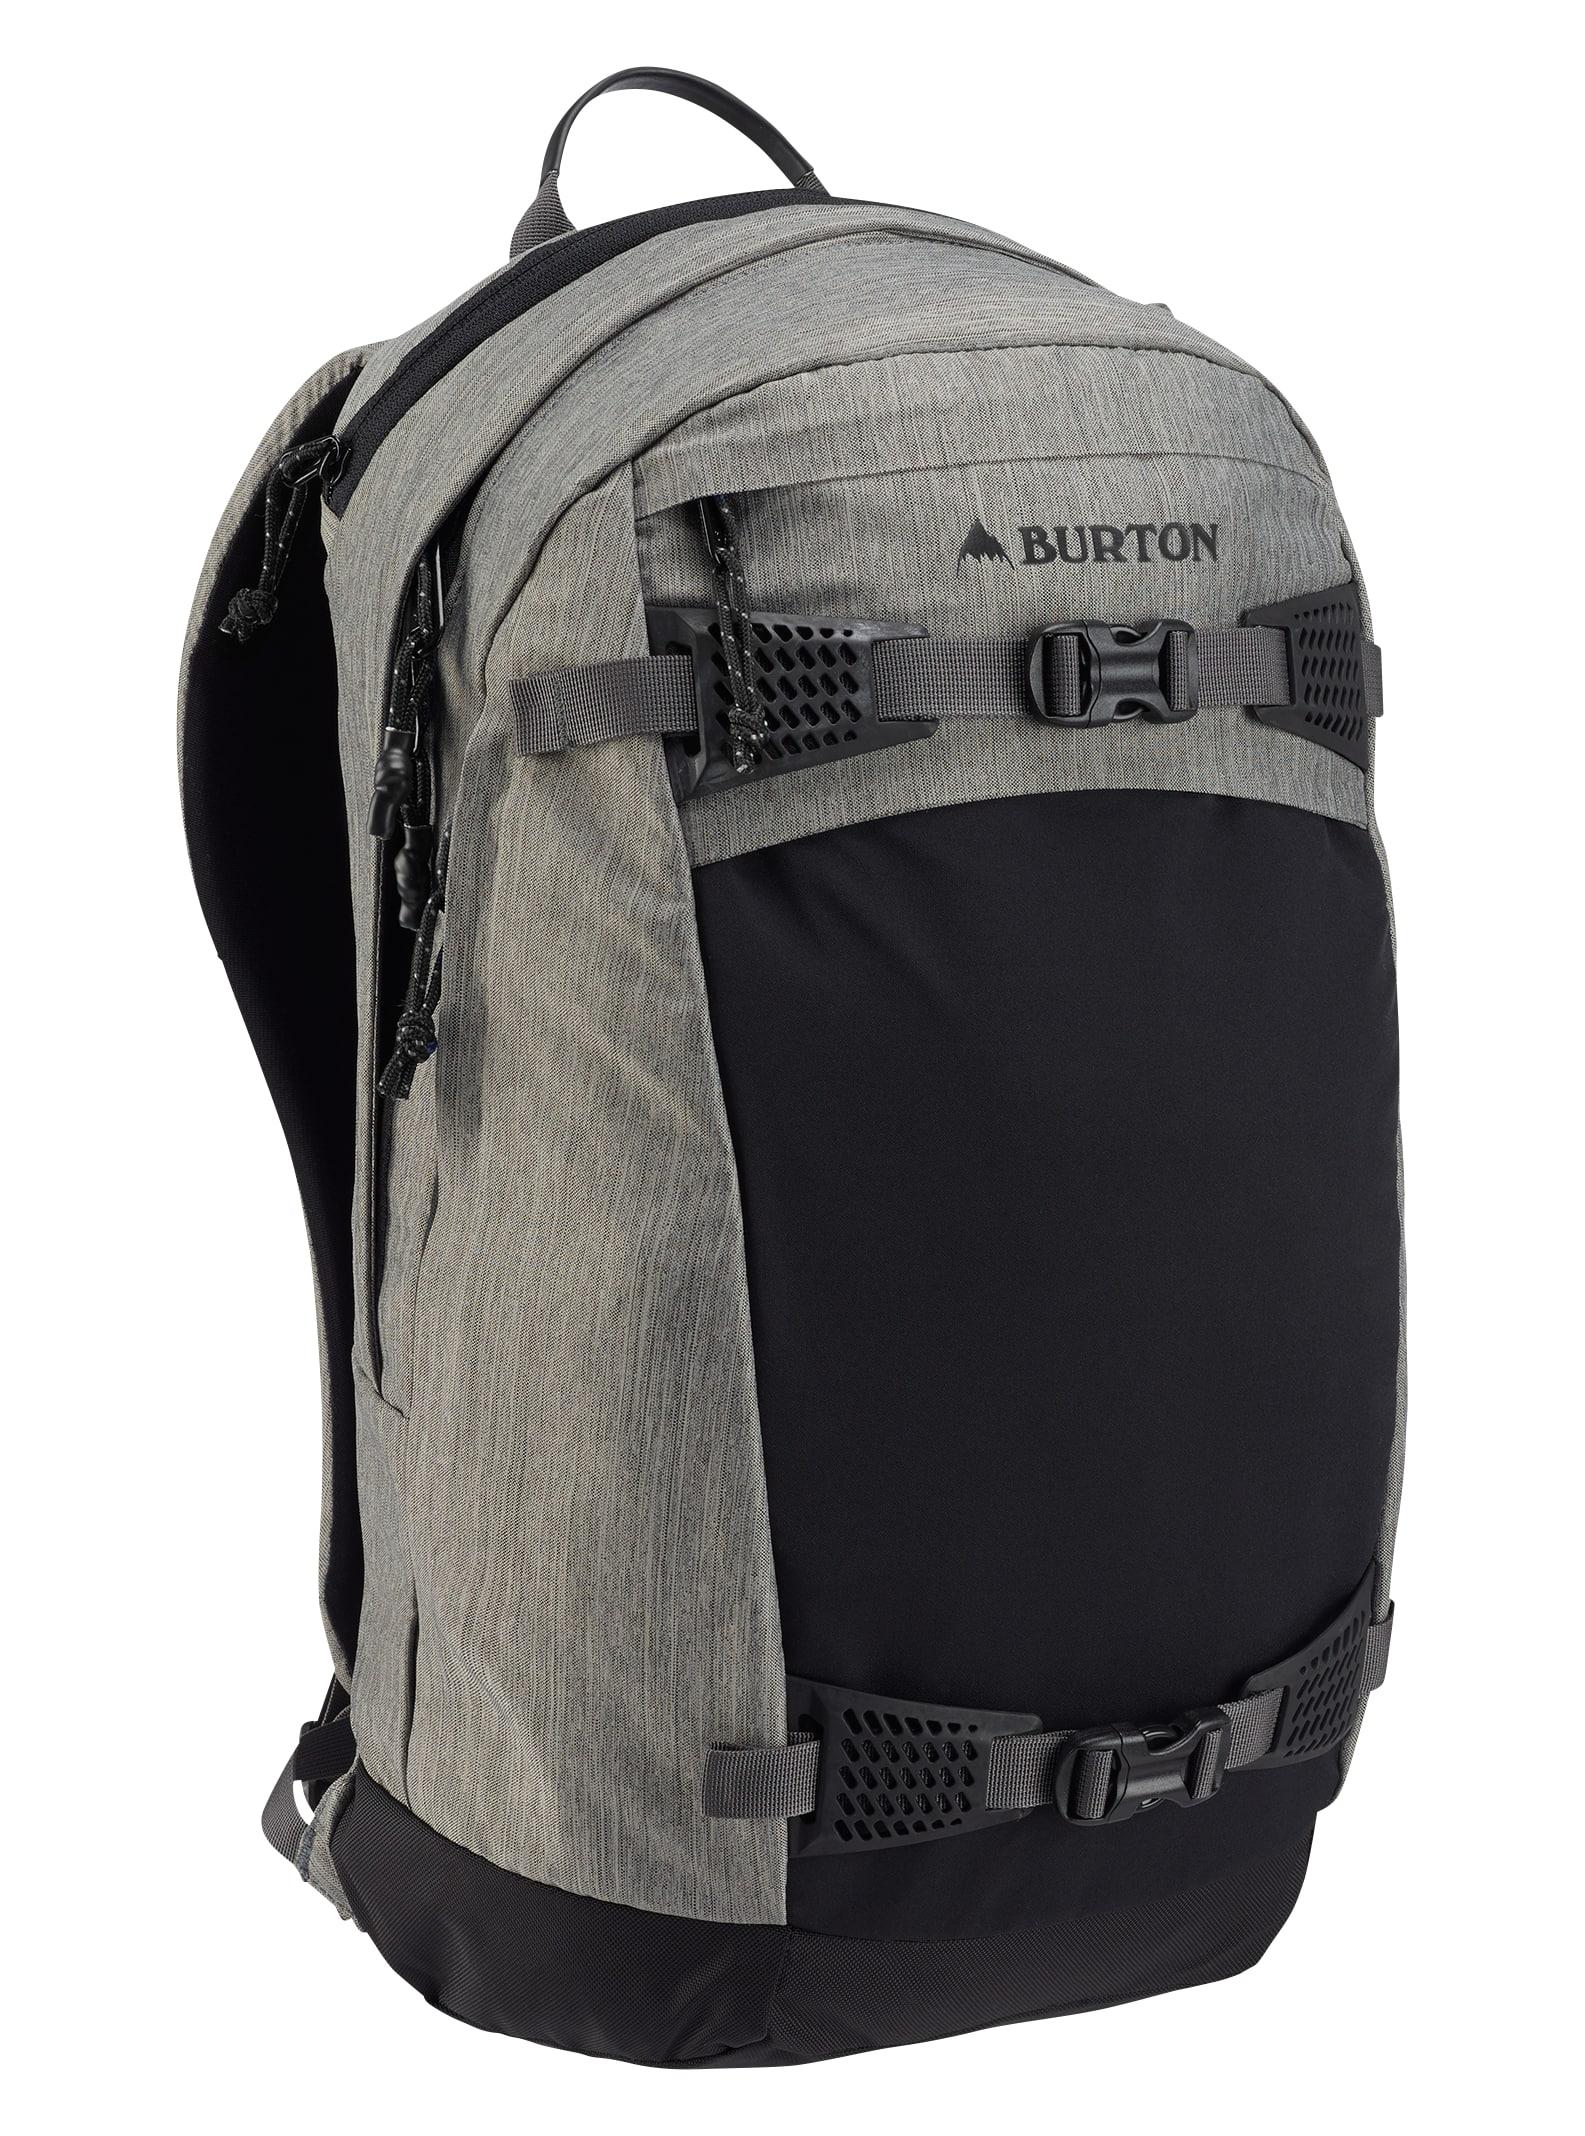 a028d1ede3d1d Snowboarding Gear Bags